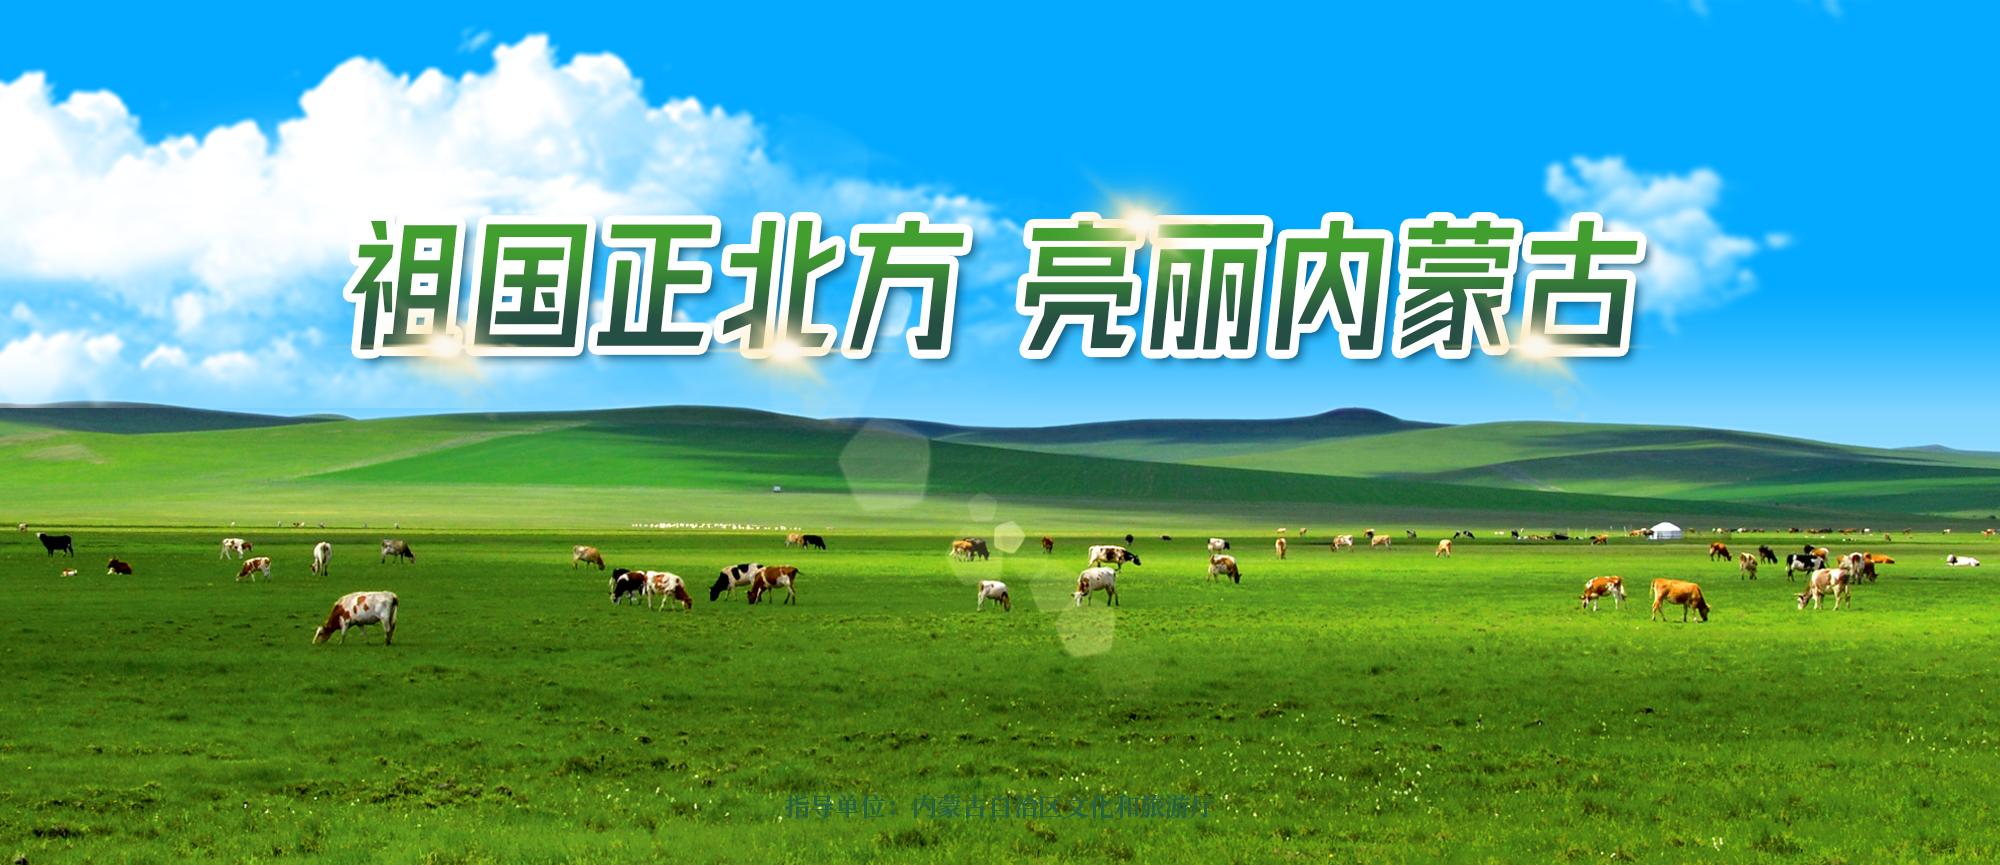 祖國正北方亮麗內蒙古